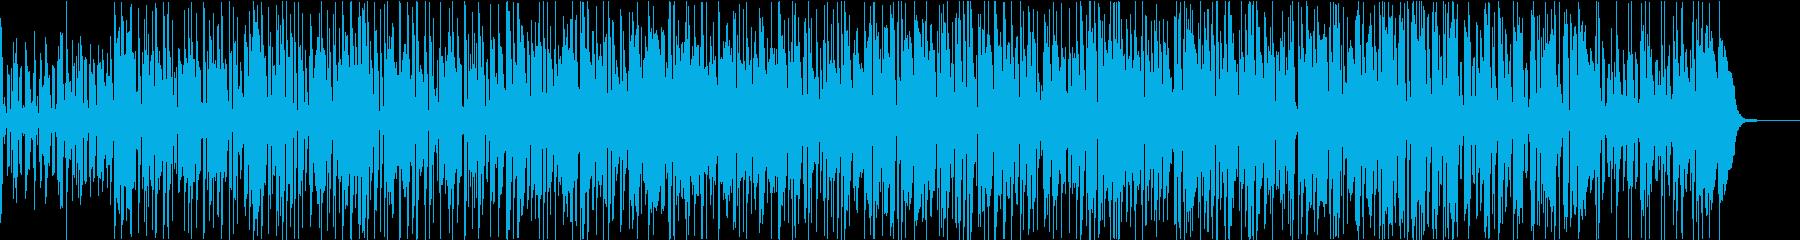 トリオ編成風ギターファンクの再生済みの波形